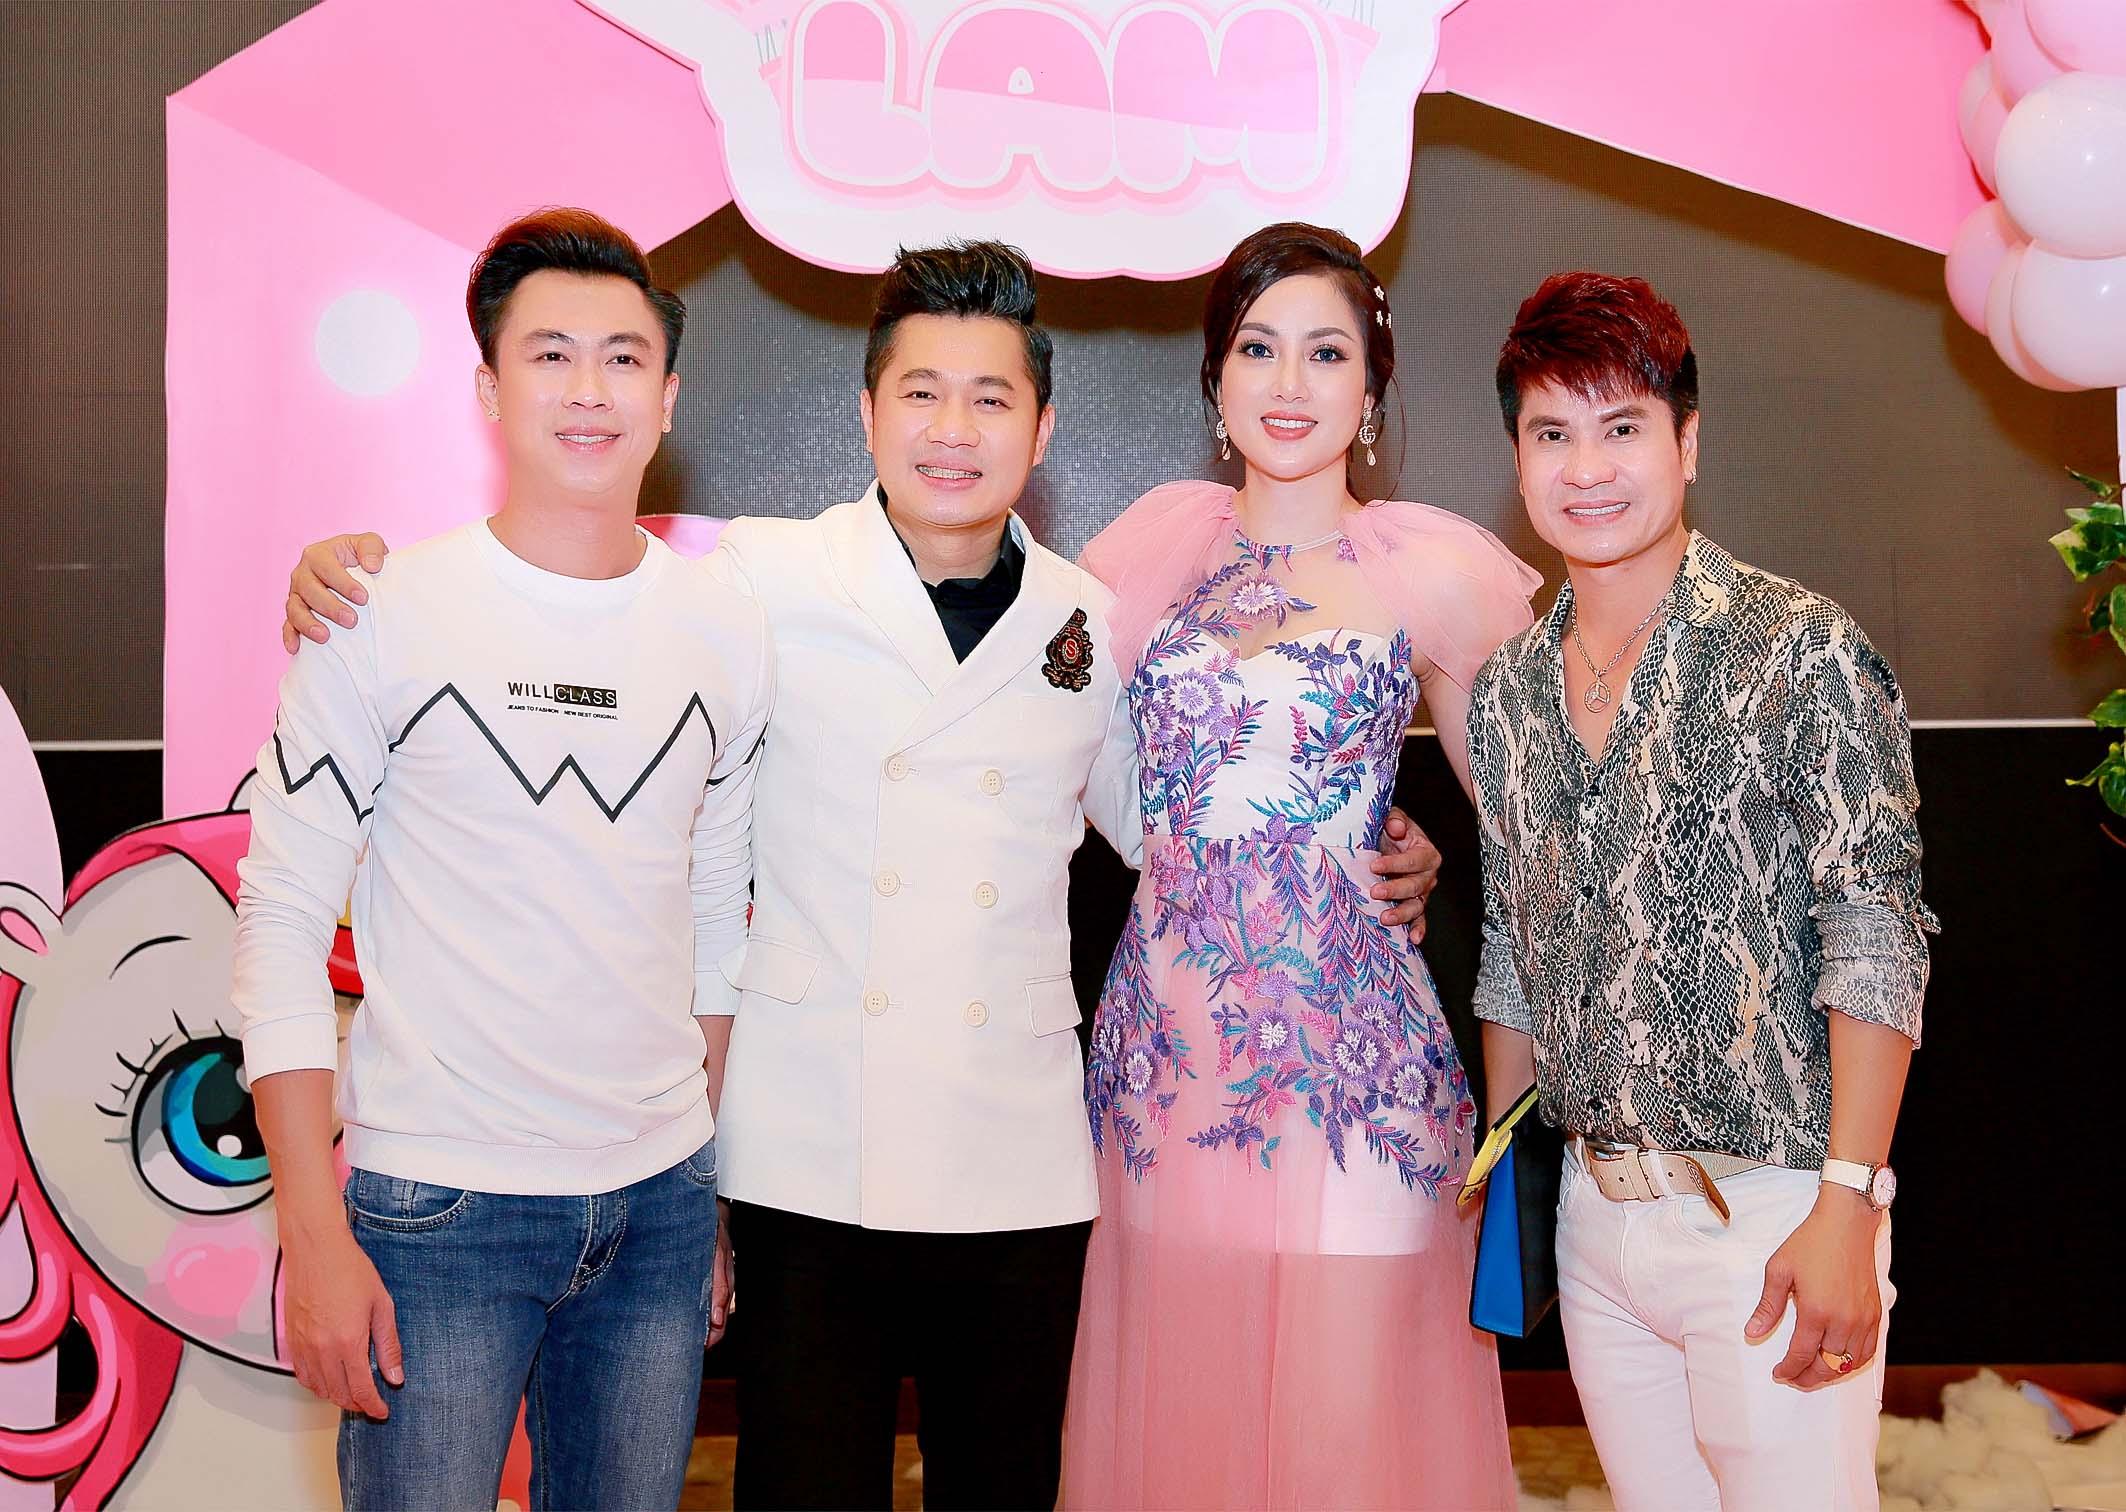 Ca sĩ Hồ Việt Trung (trái) đến chúc mừng thôi nôi con gái Lâm Vũ